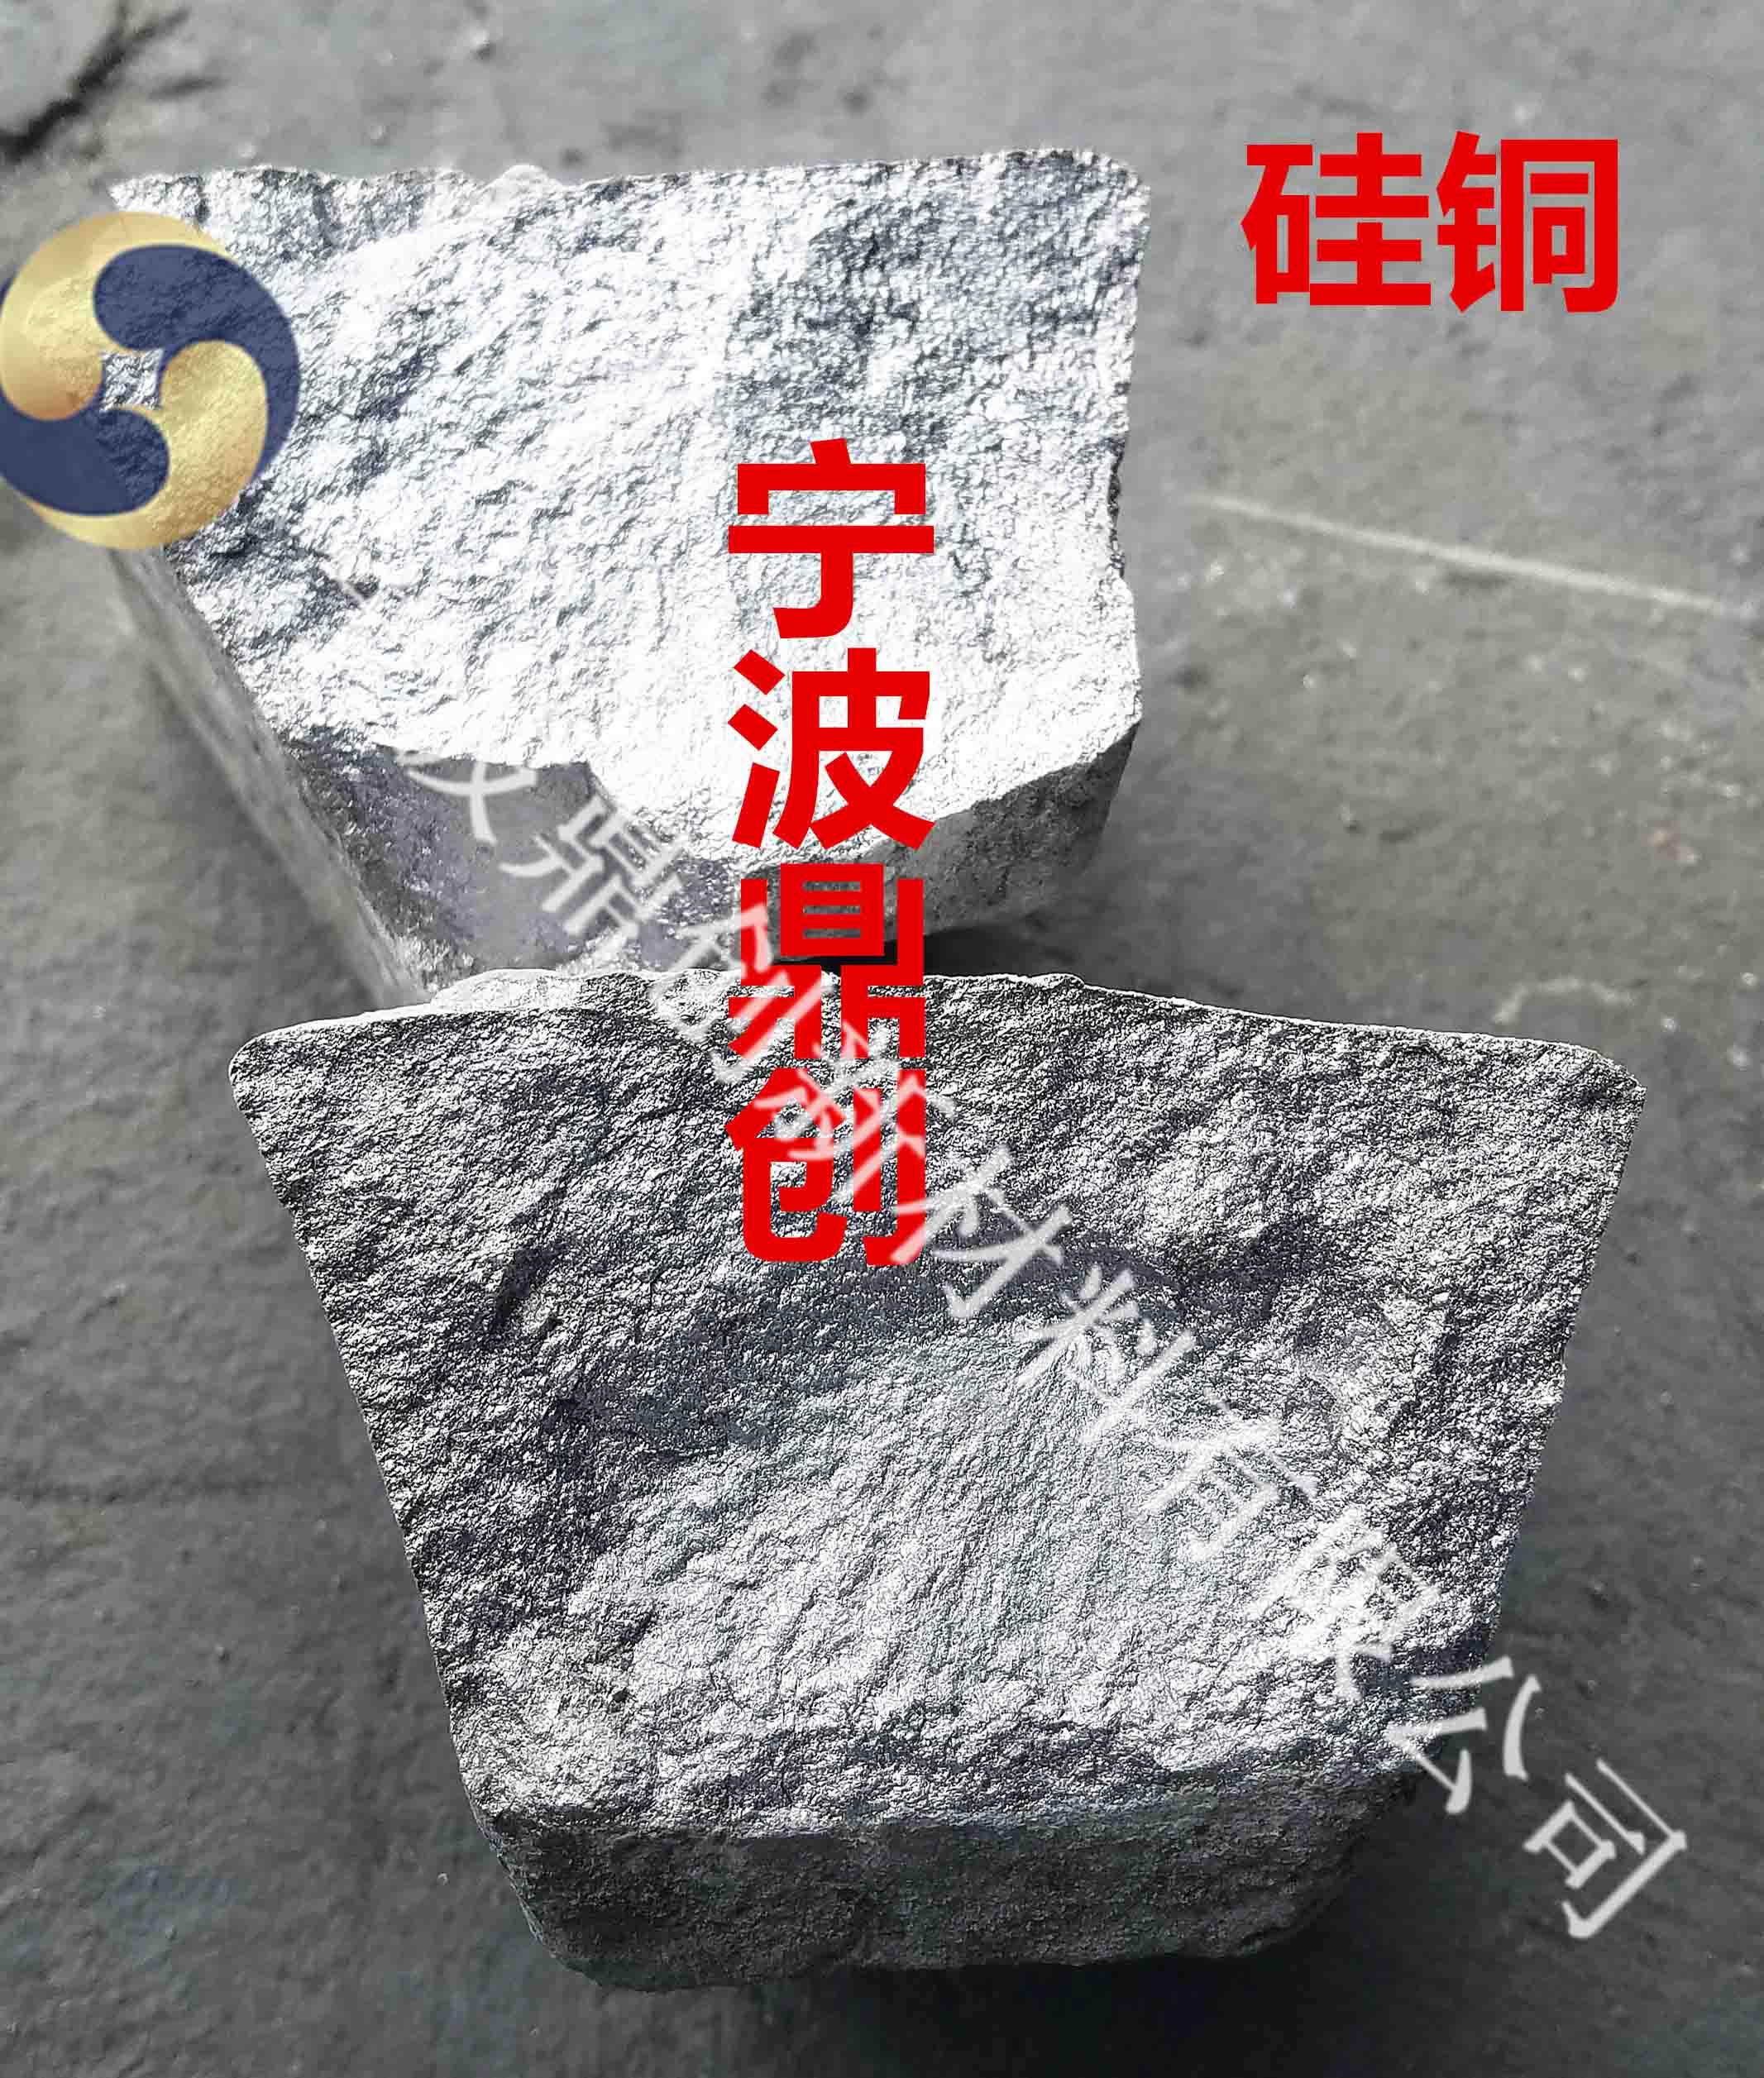 銅硅中間合金-CuSi20